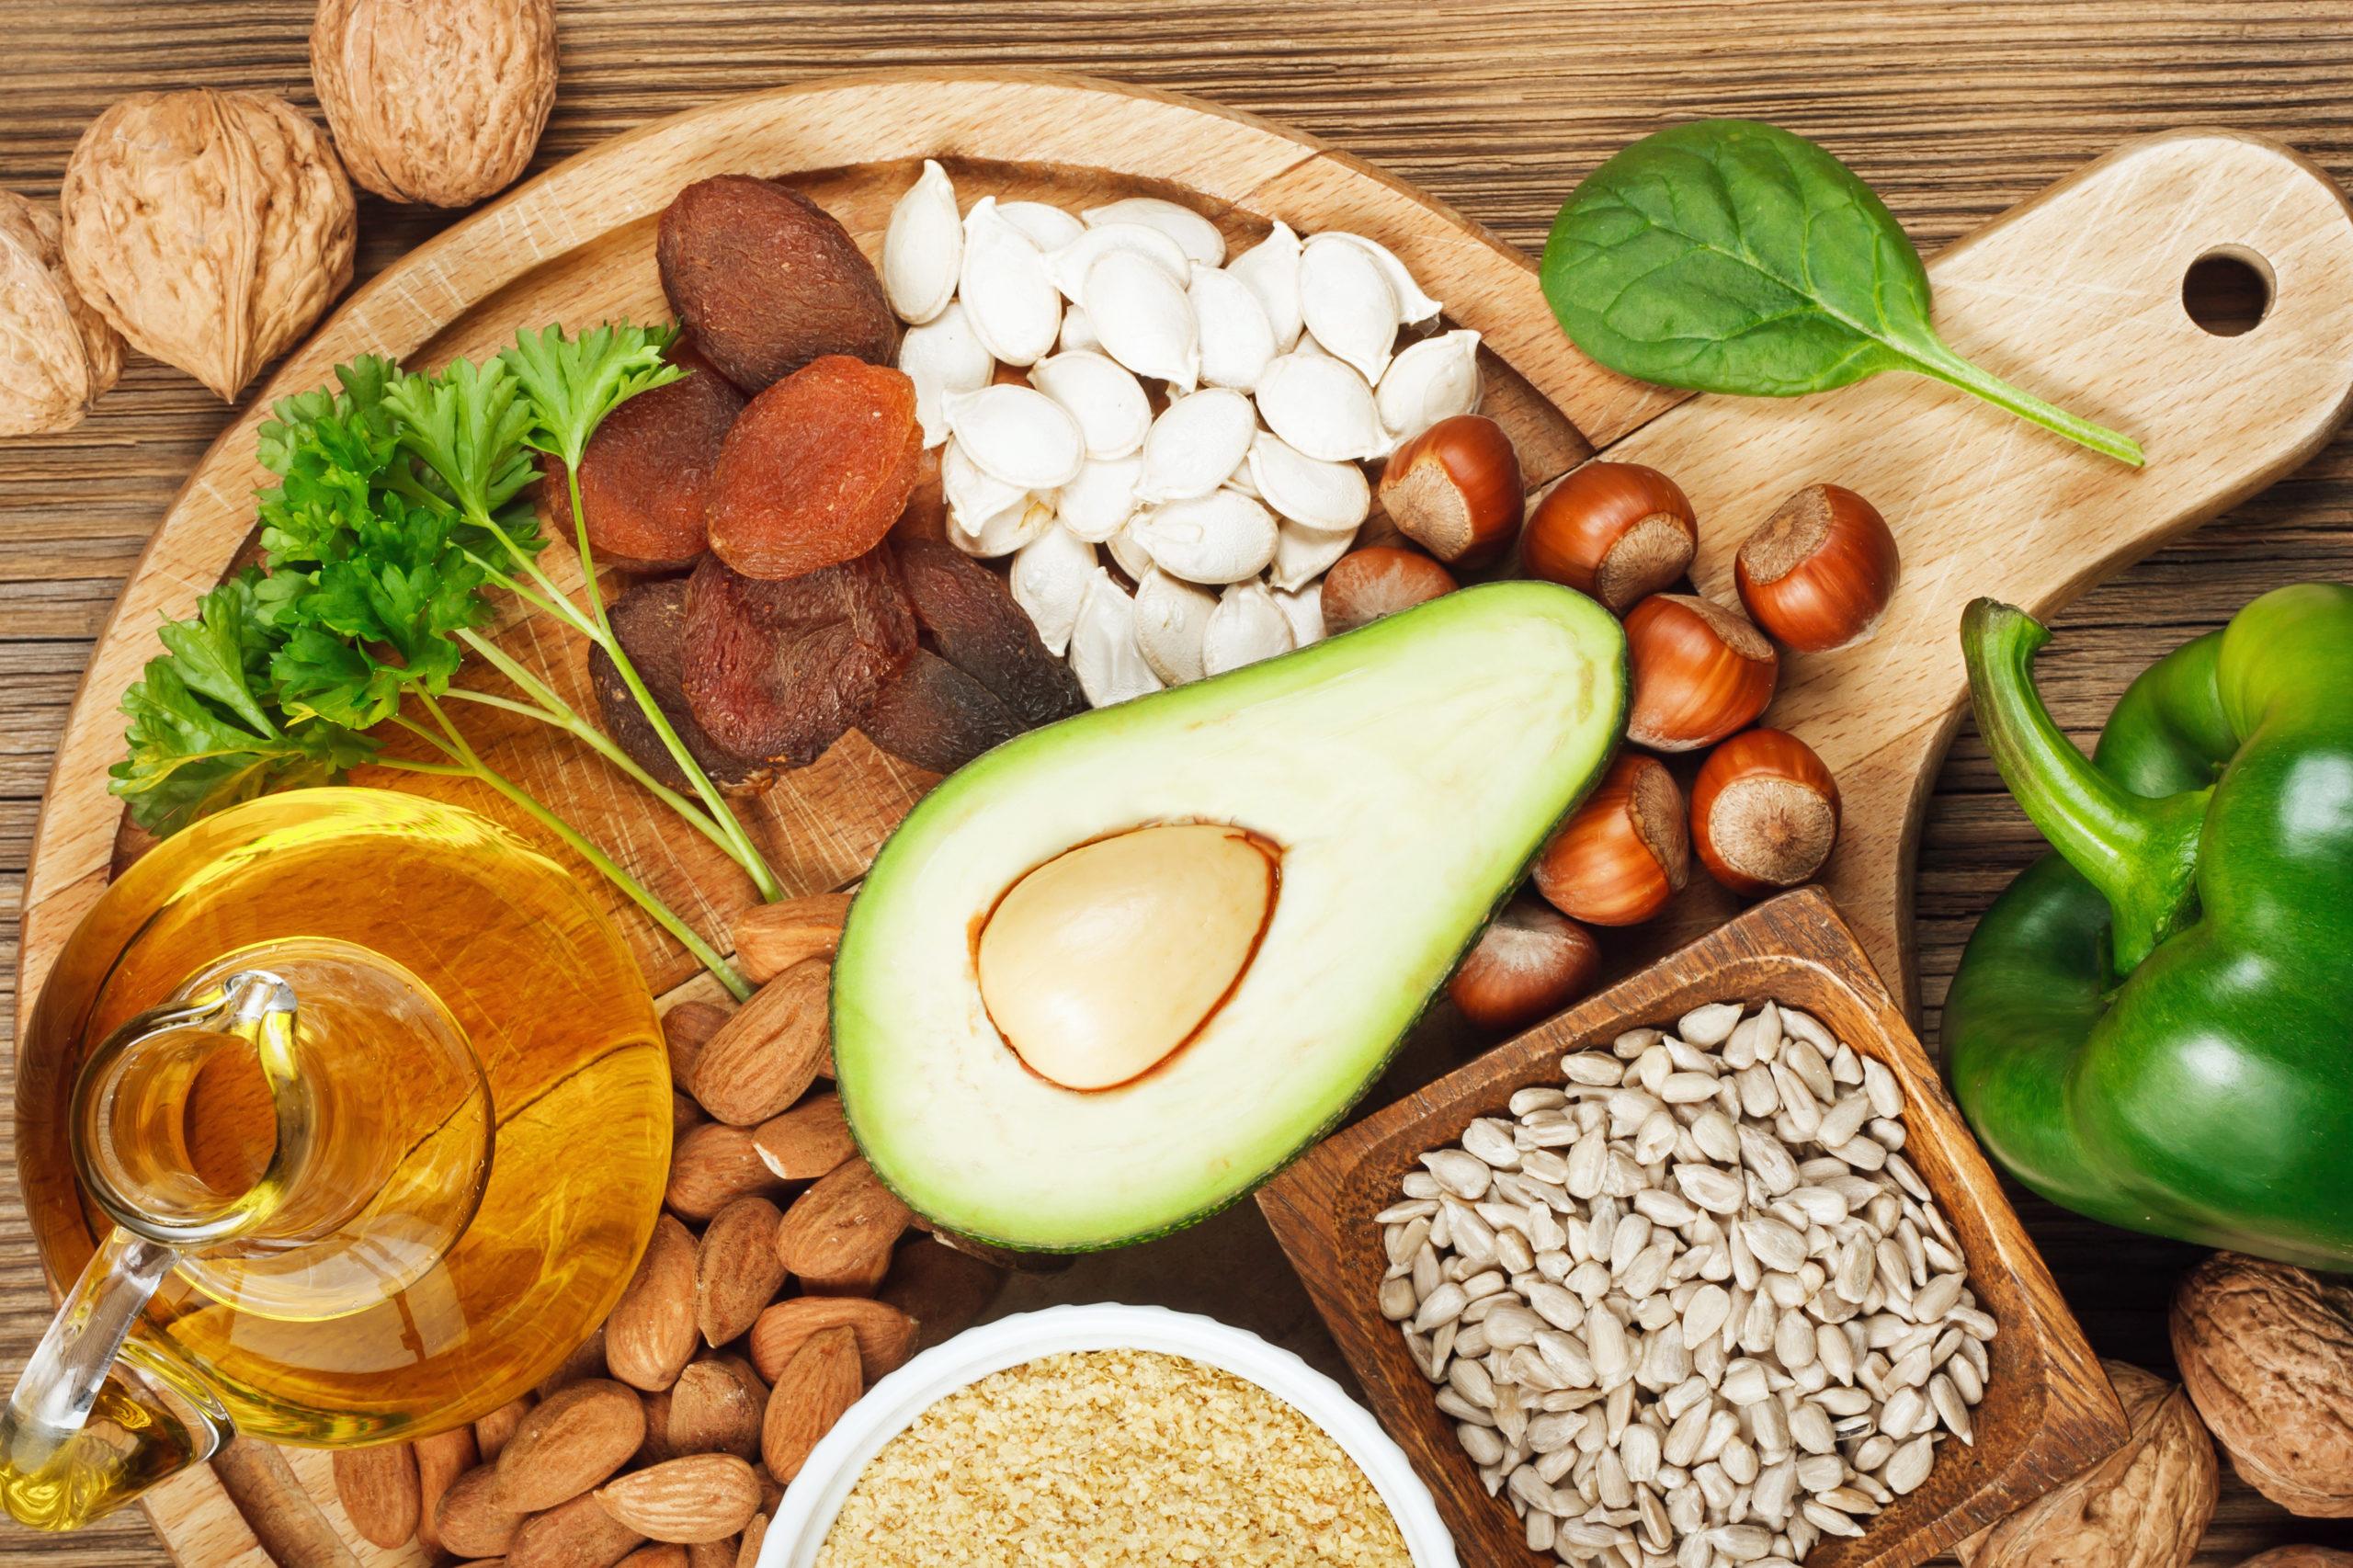 Sunne mat. Vitamin E. Høykvalitetsprodukt utviklet i Norge